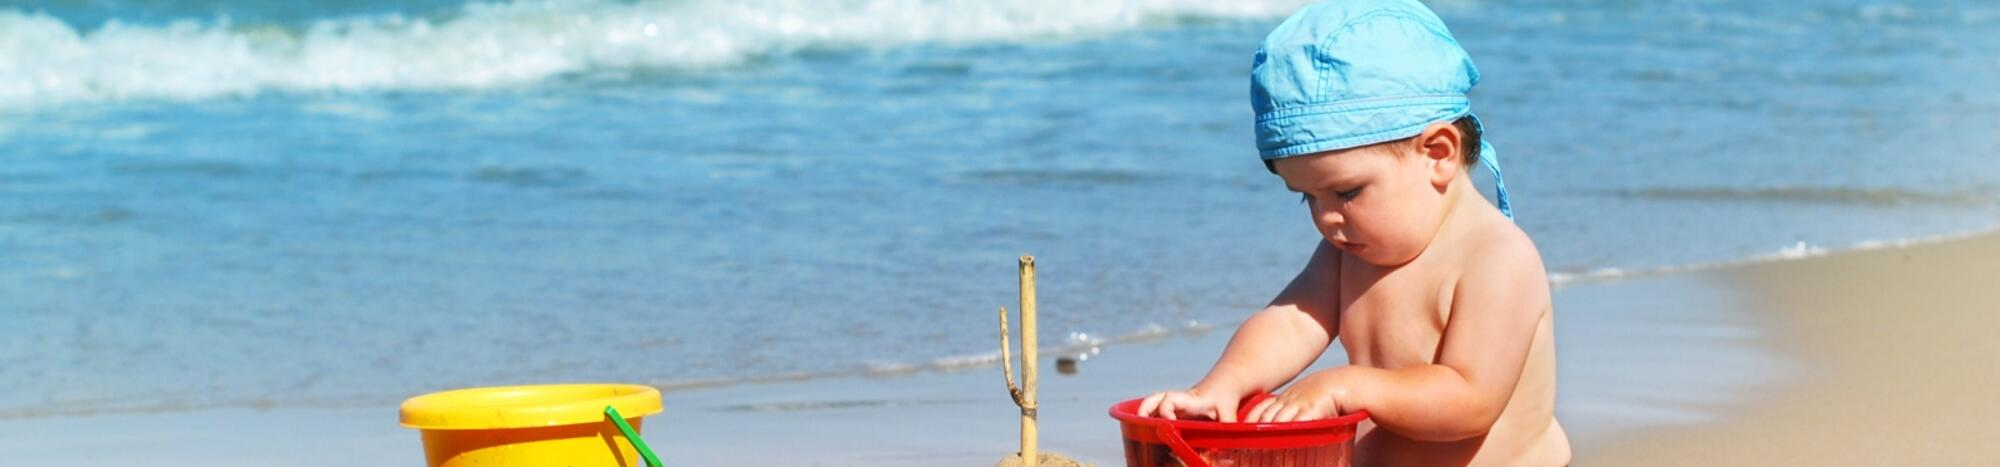 Offre Fin Juin Rimini à l'hôtel près de la mer avec Plans Famille